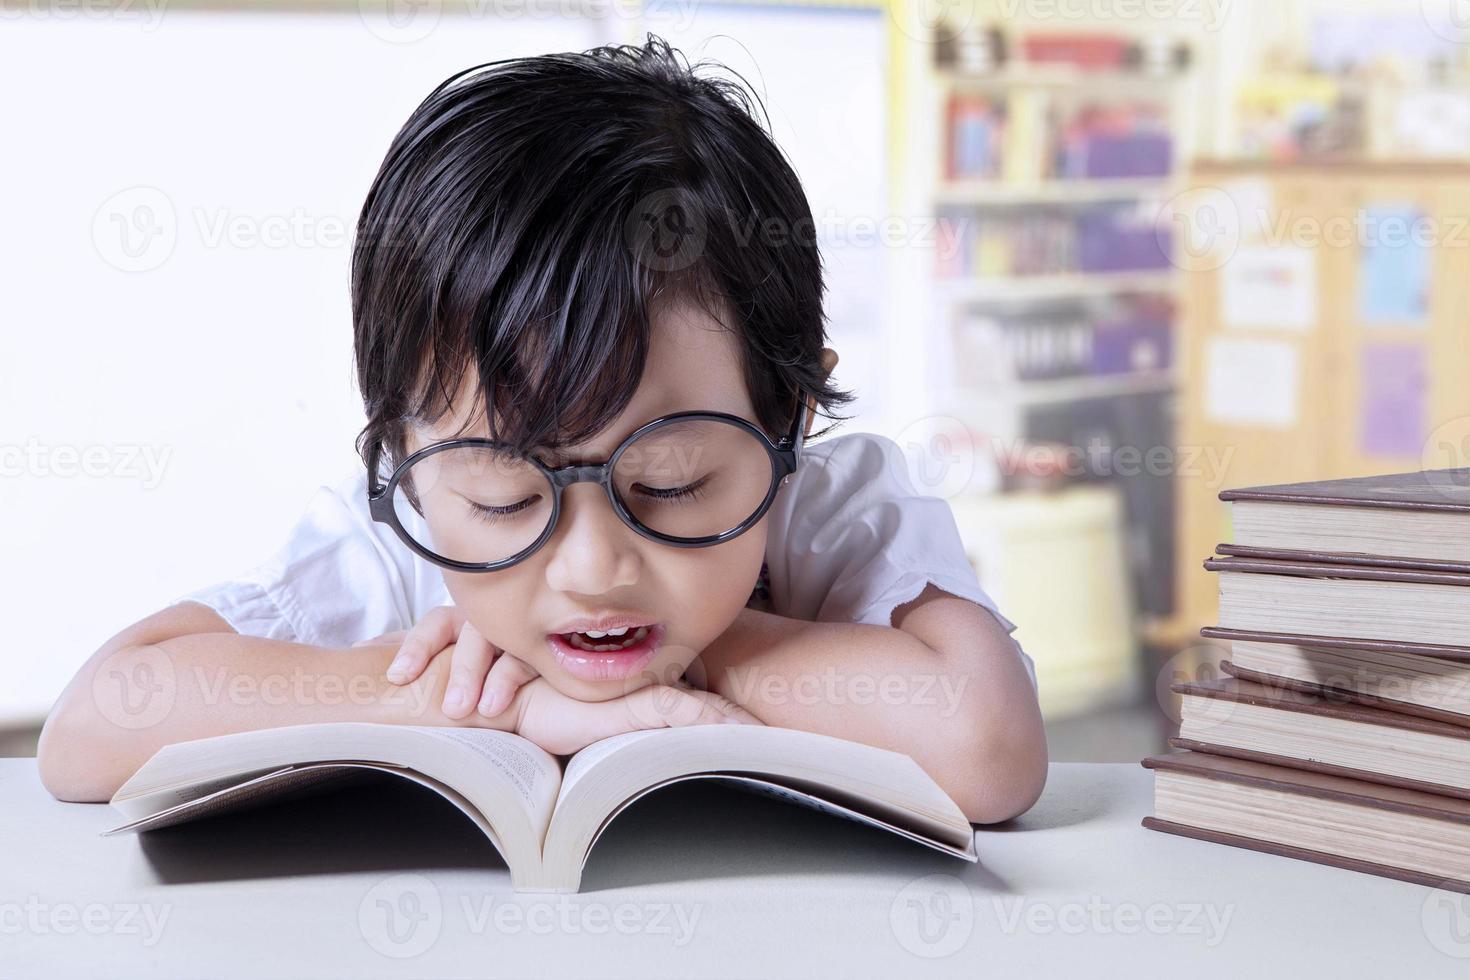 kleuter student leest schoolboeken foto